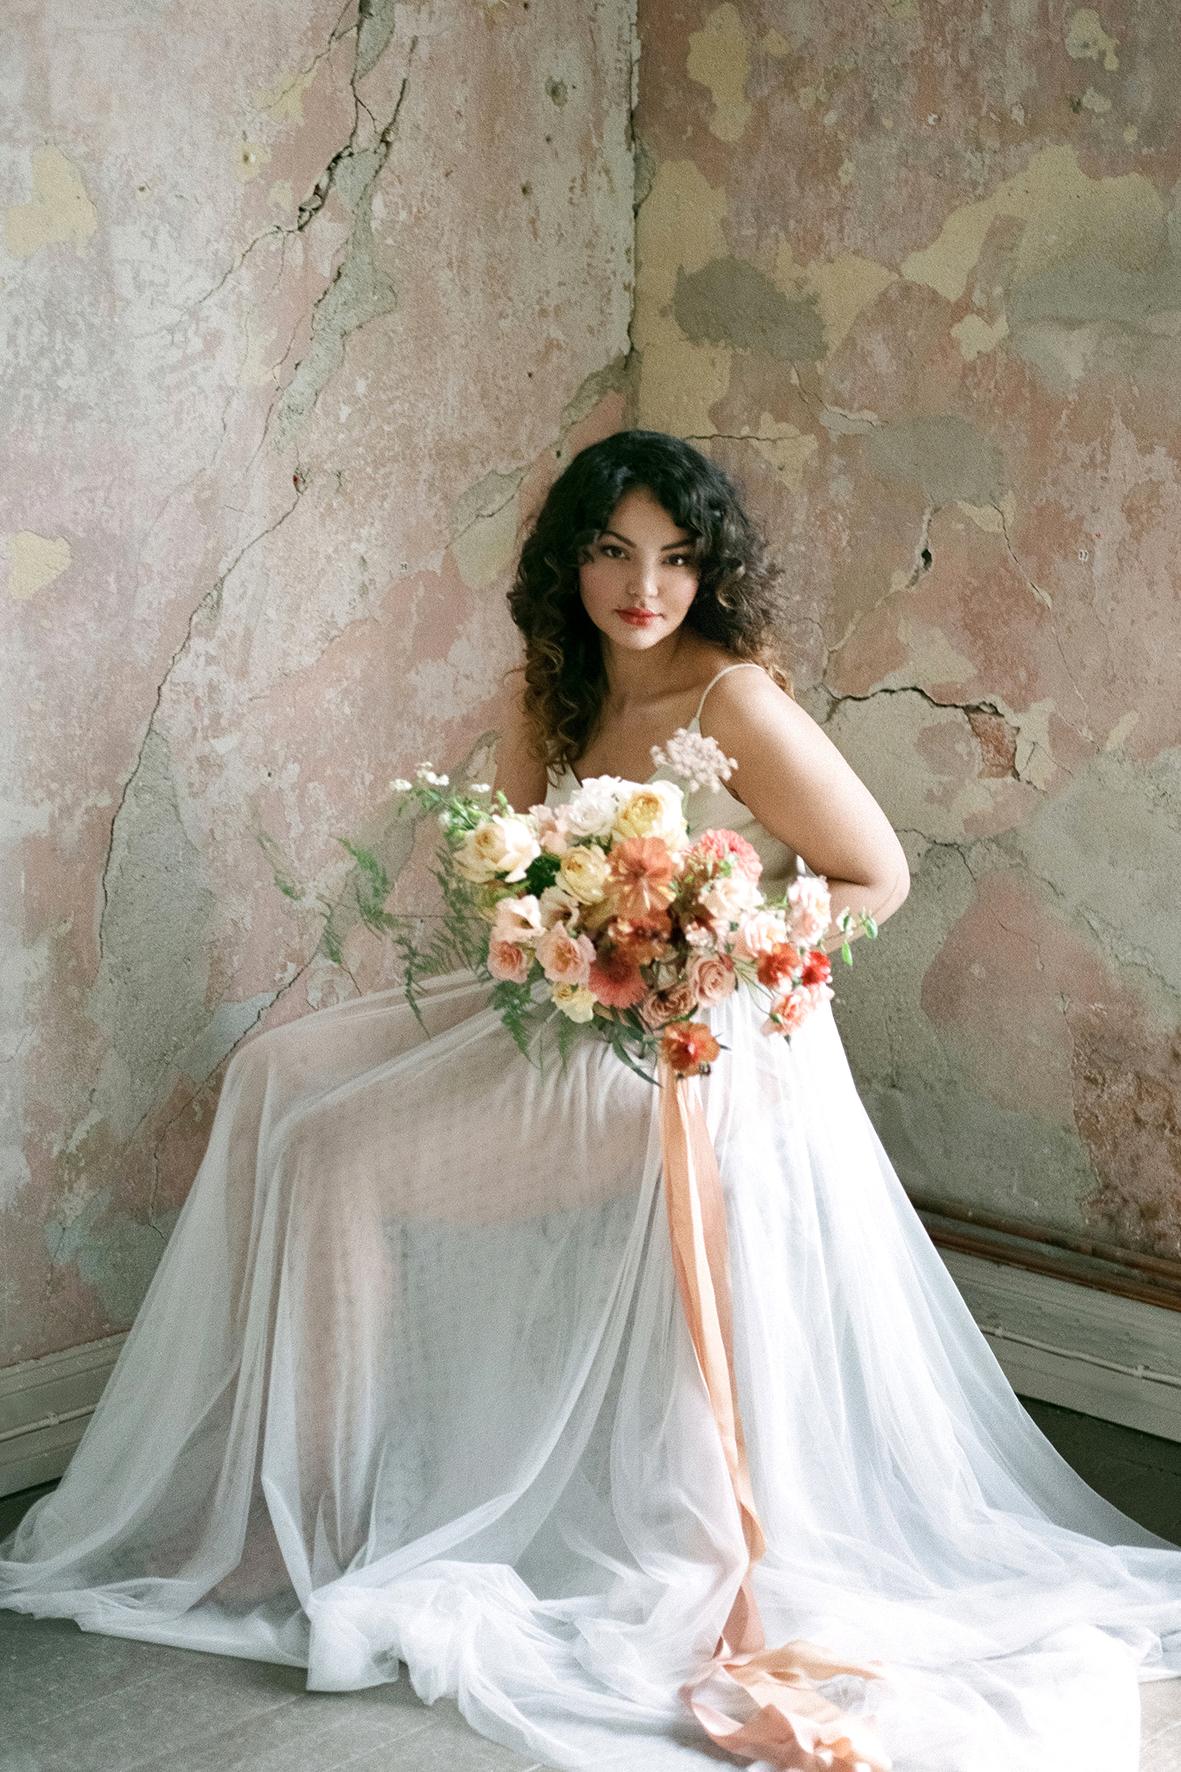 Bridal Inspiration at Brinkhall Manor